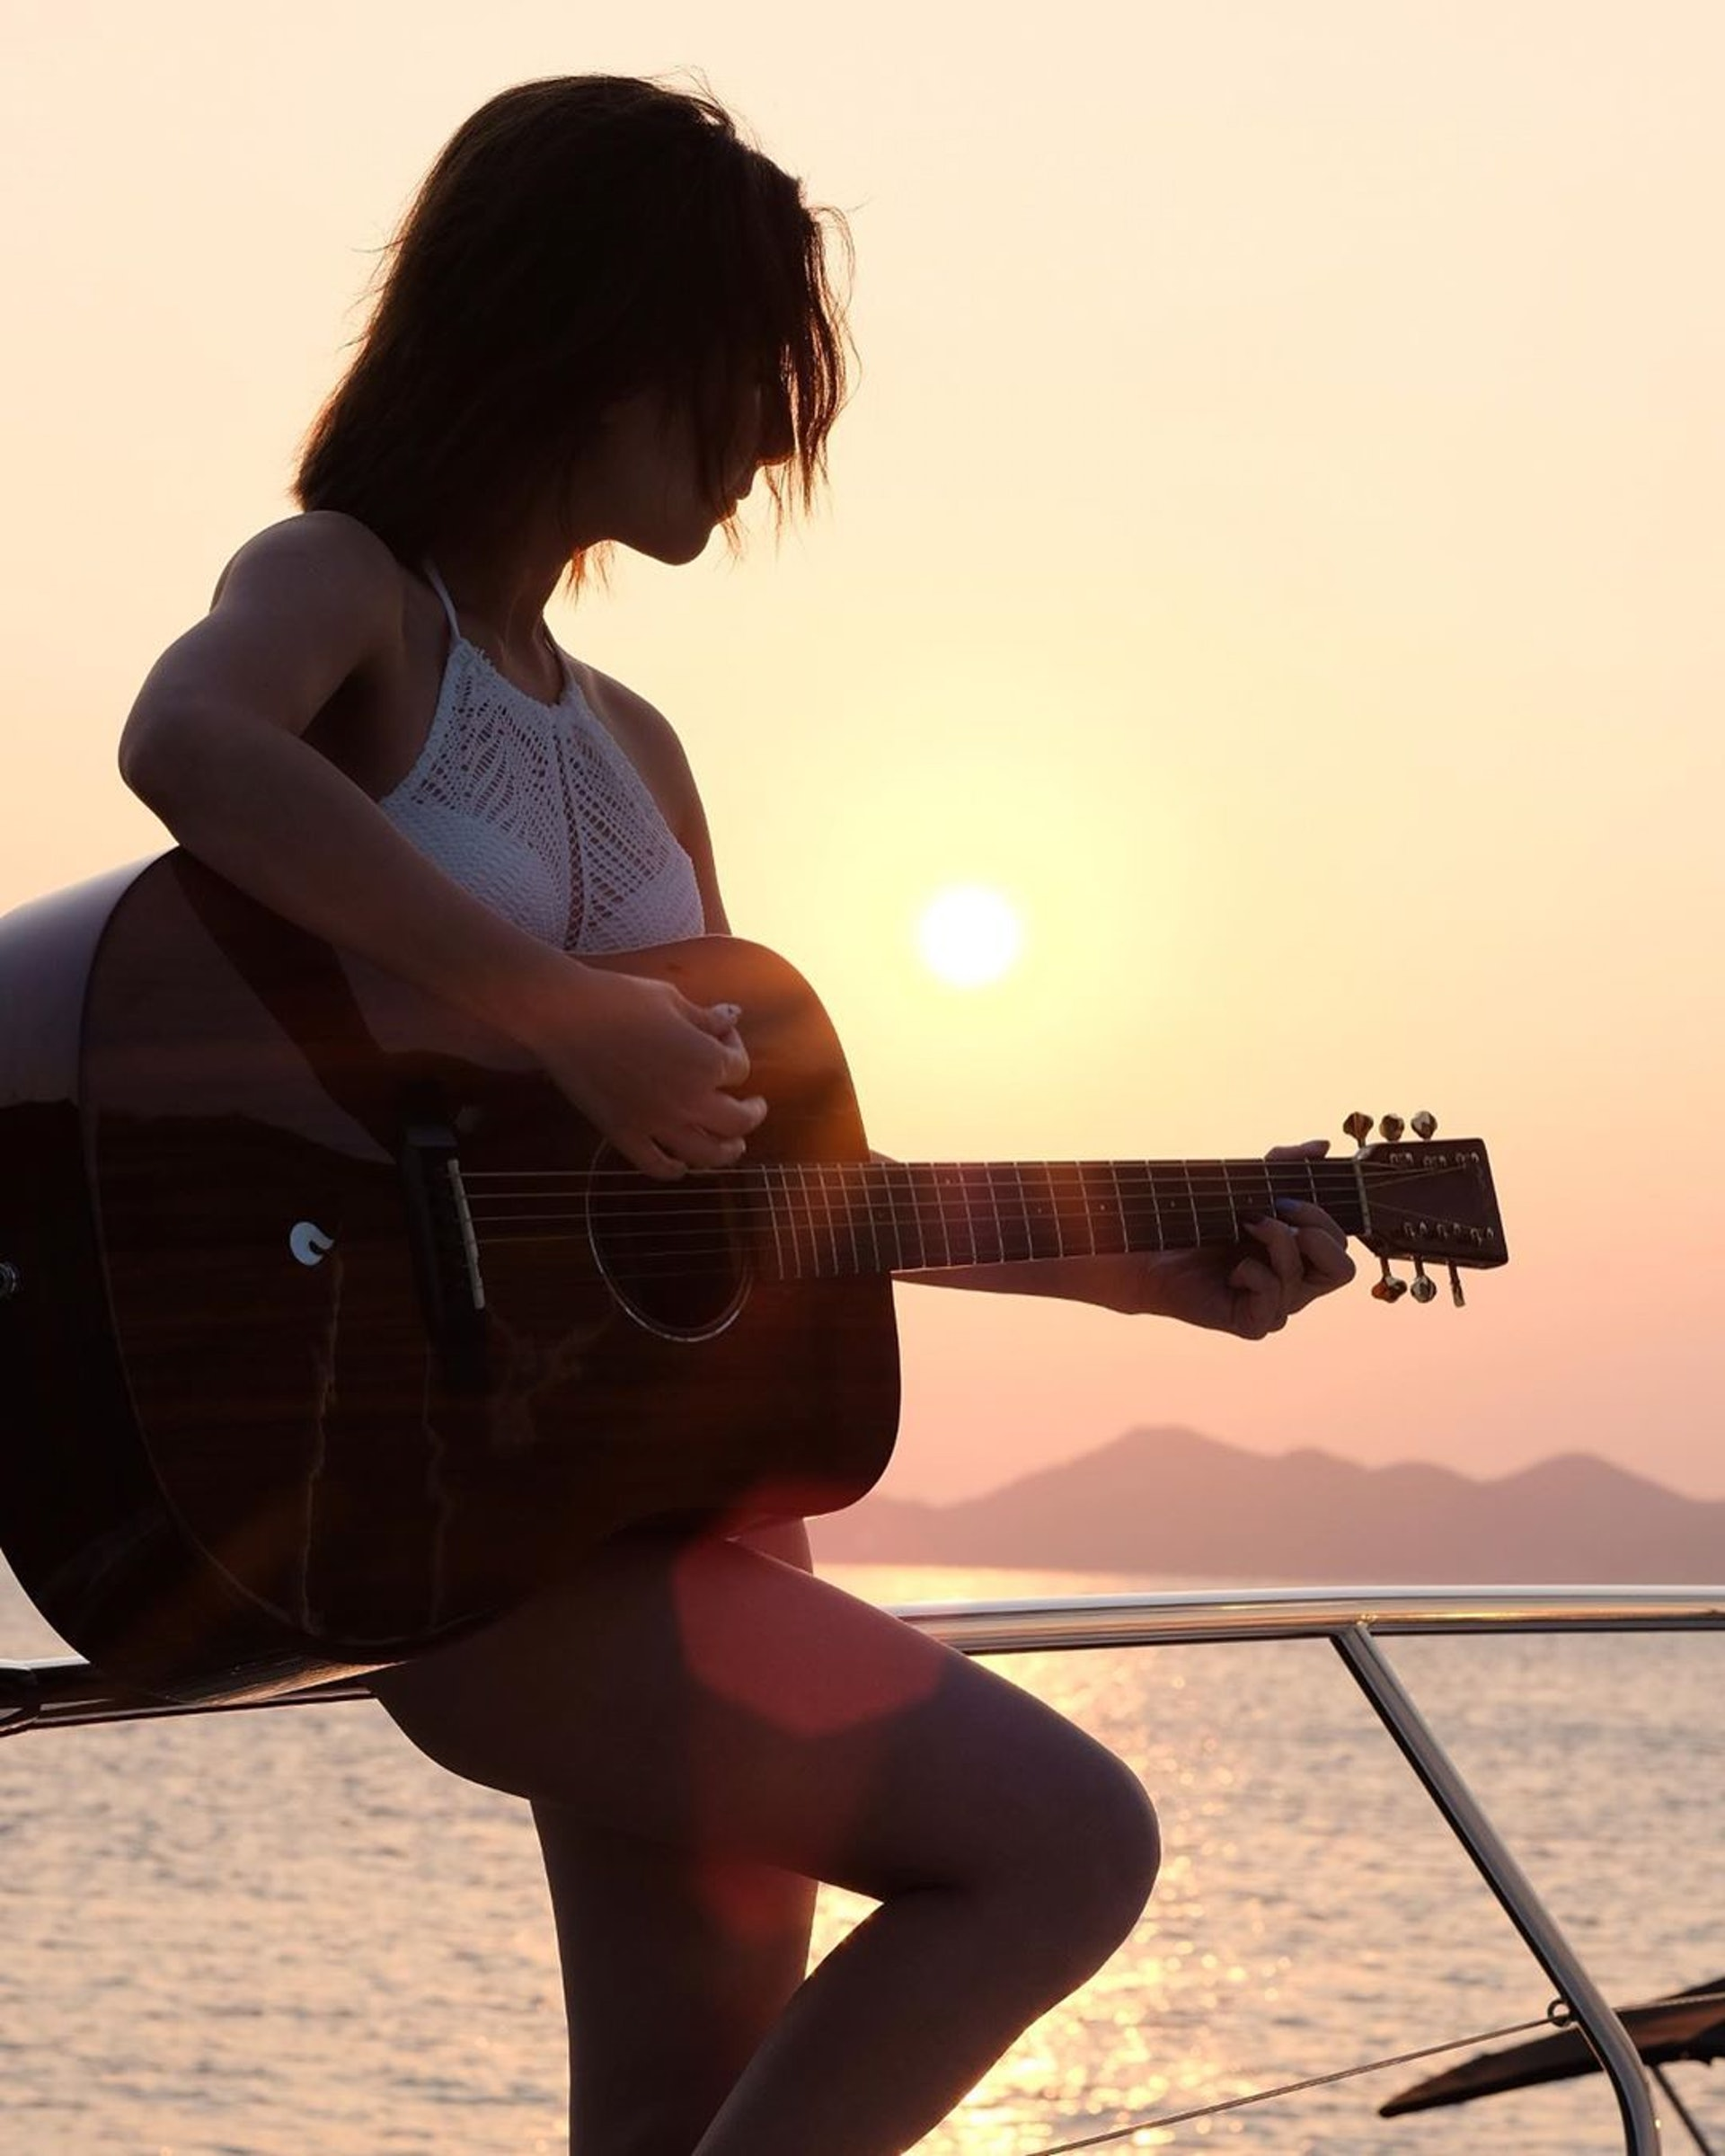 2012年起譚嘉儀開始透過影片分享網站 YouTube 發布其翻唱作品,以及自導自演音樂錄像。(Instagram/@kayeepo)